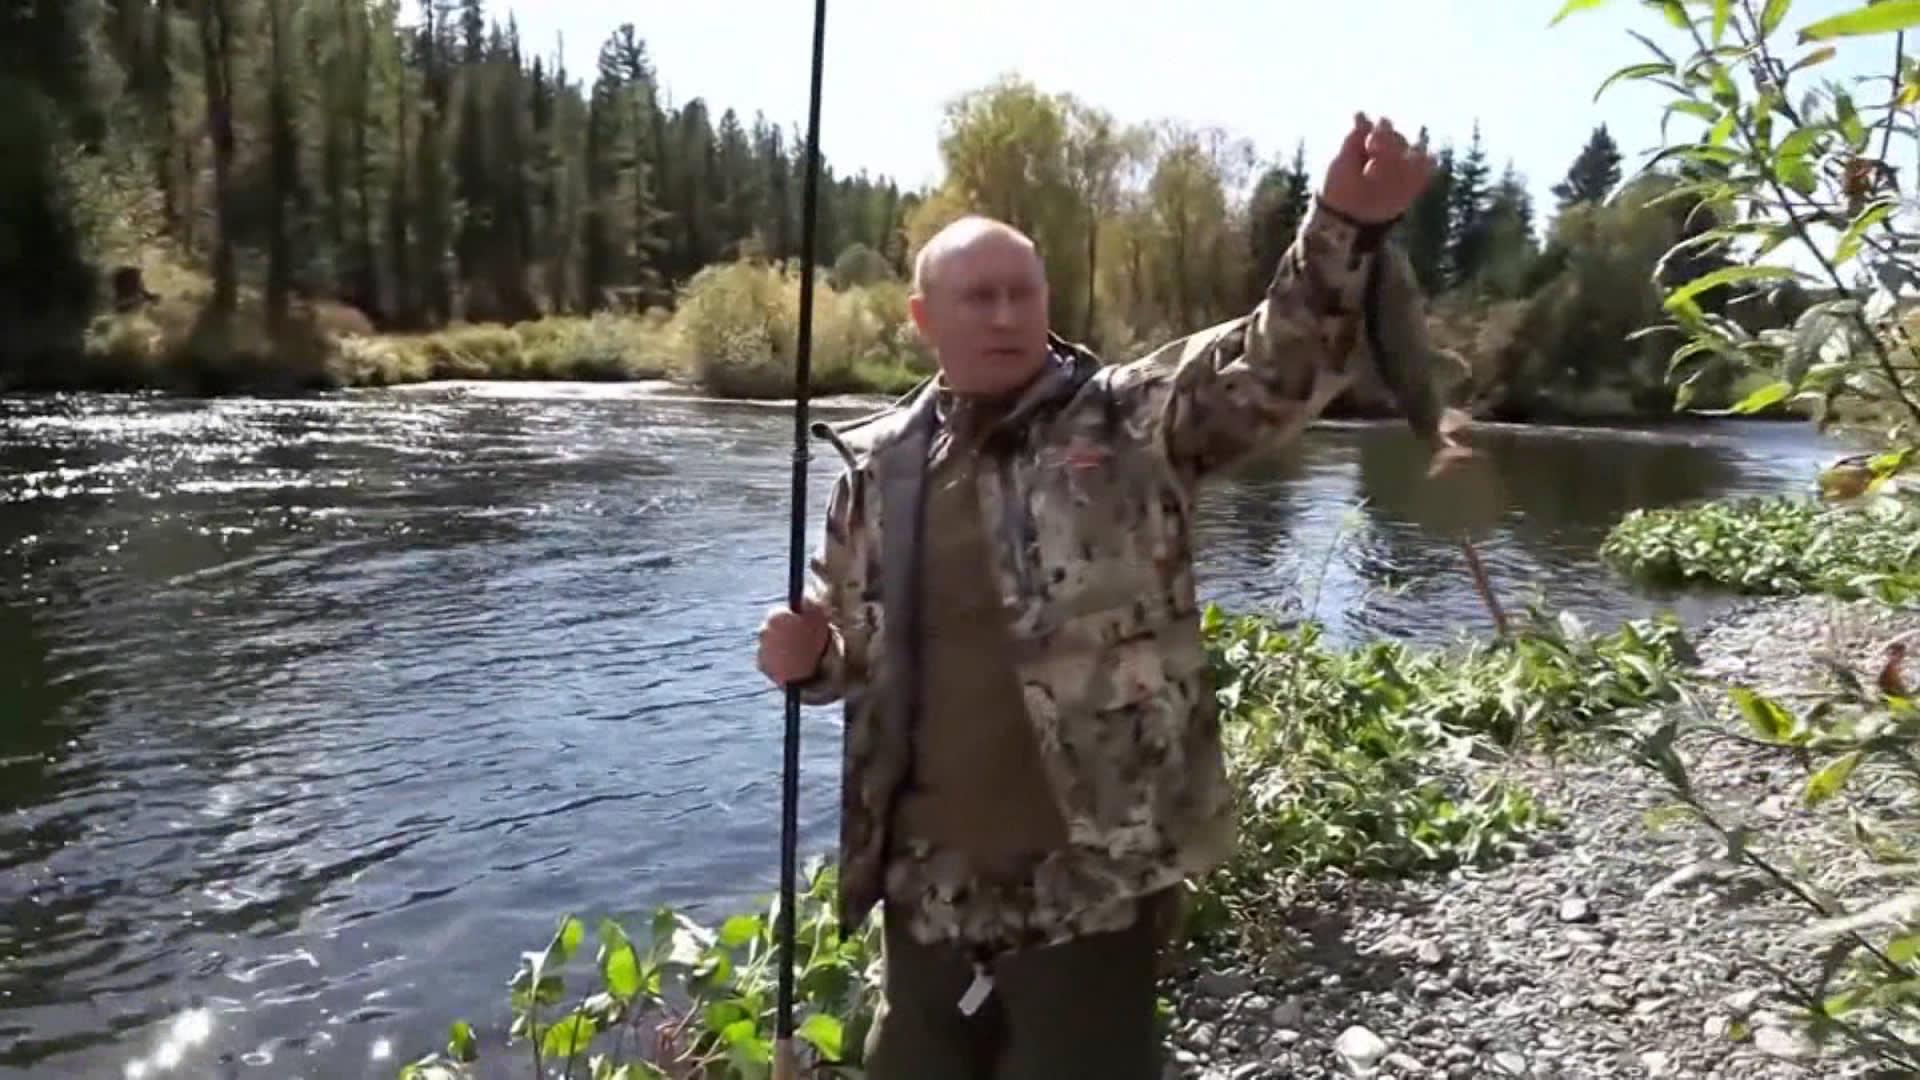 شاهد.. فيديو جديد يظهر بوتين وهو يصطاد قبل أن يعزل نفسه